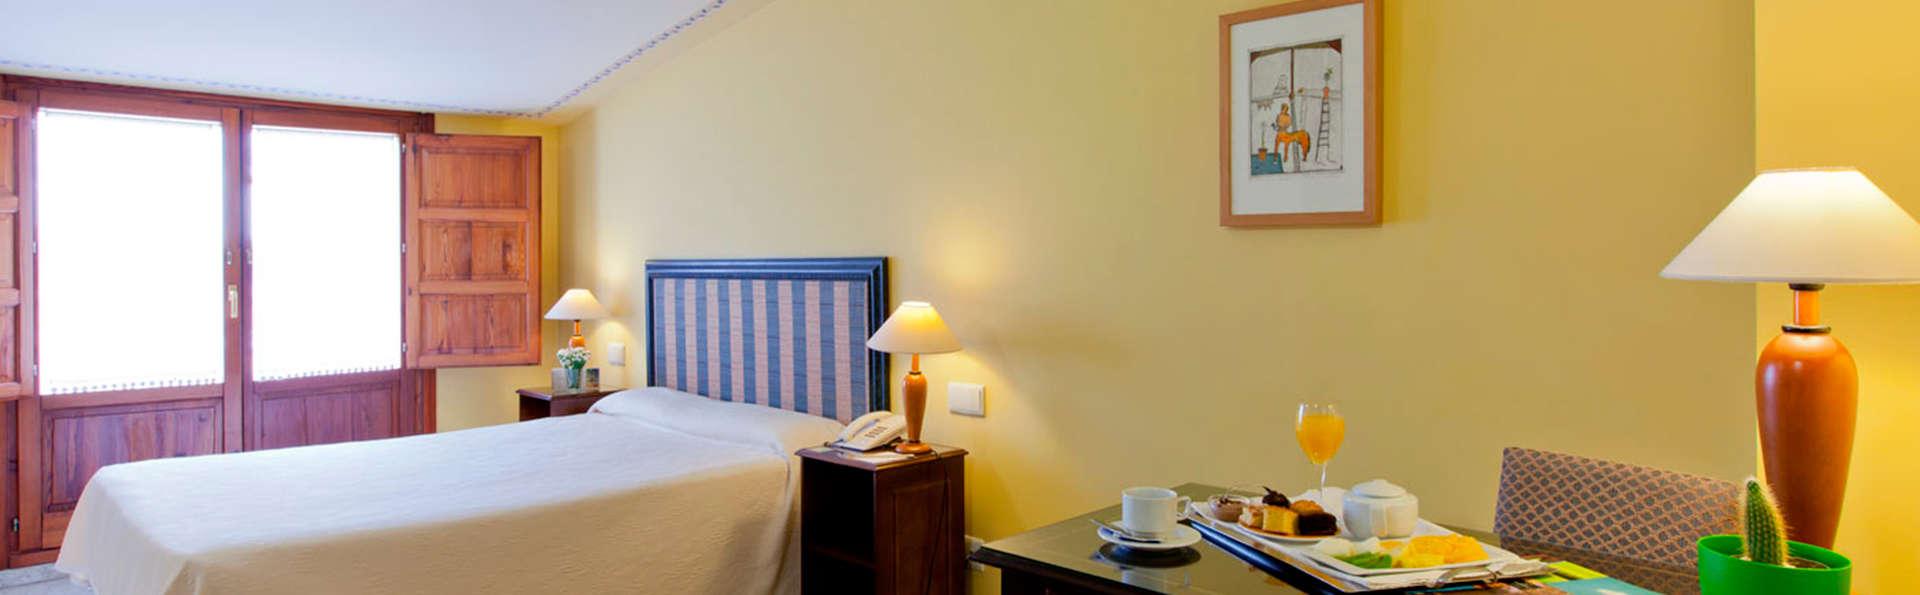 Hotel Ad Hoc Parque Golf - EDIT_room1.jpg